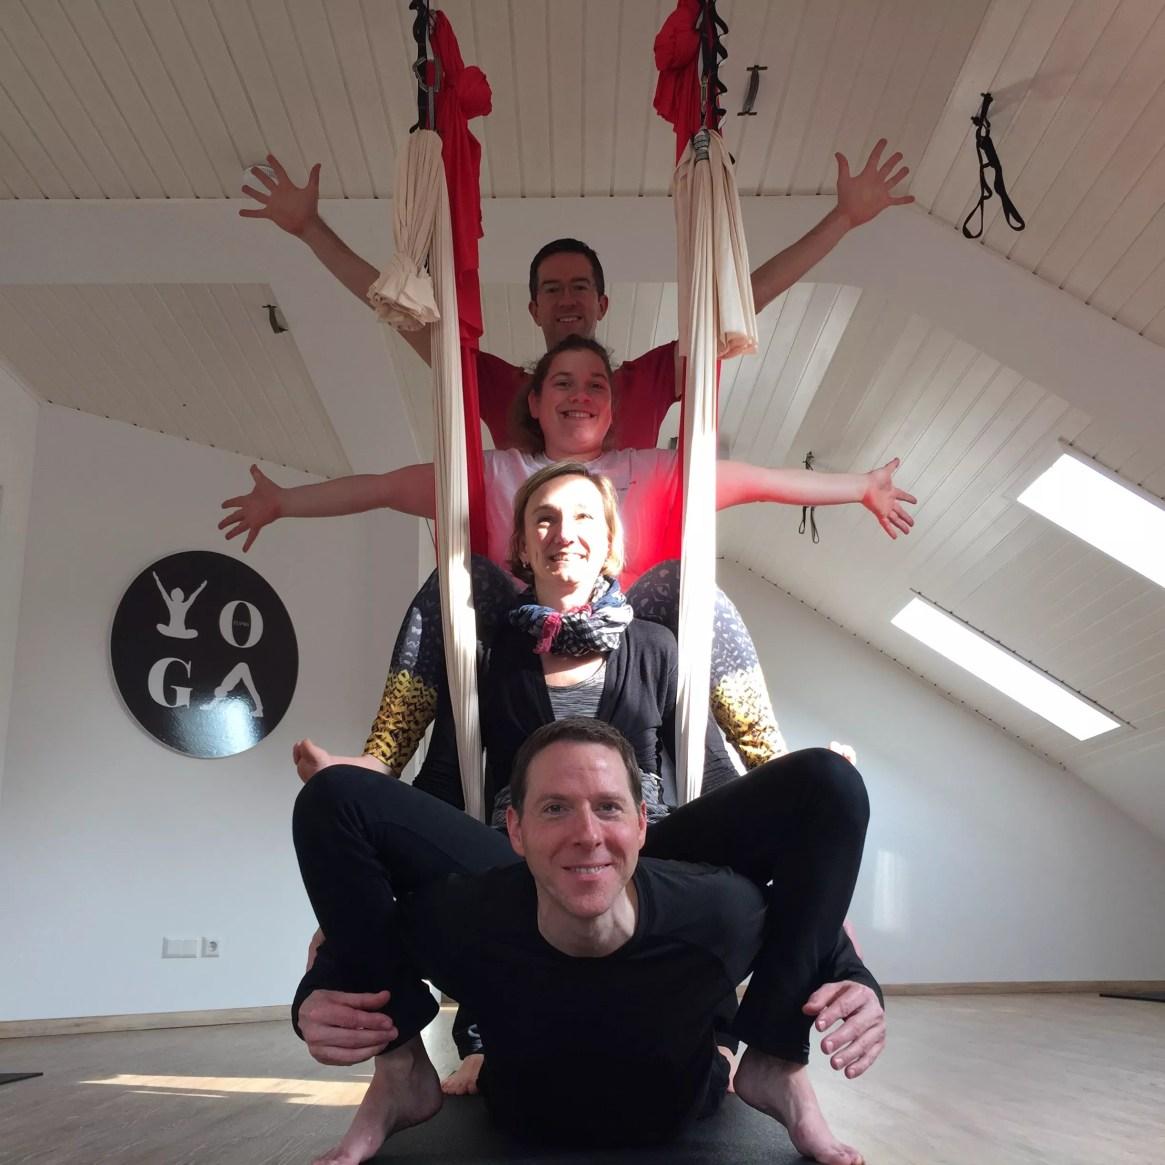 FLYoga, zertifizierte Aerial Yoga Trainer